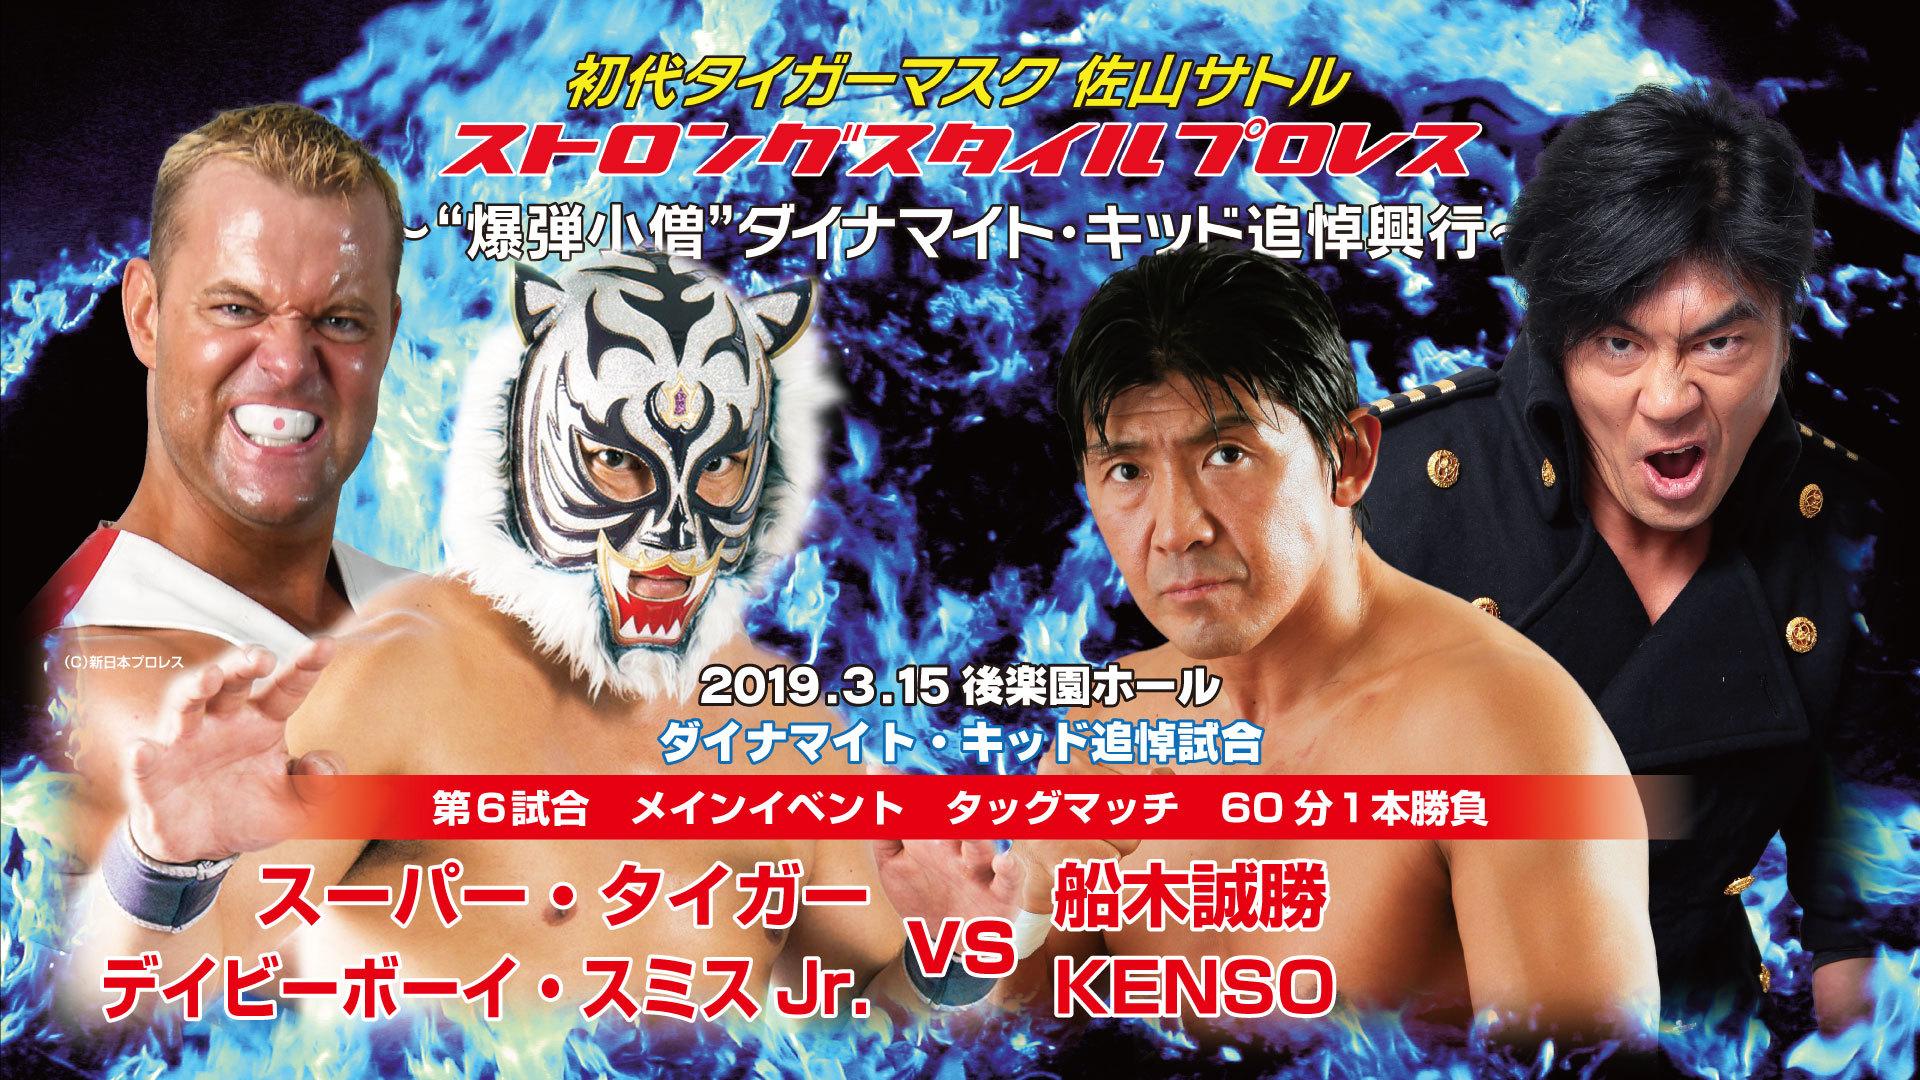 メインイベントはスーパー・タイガー&デイビーボーイ・スミスJrvs船木誠勝&KENSO